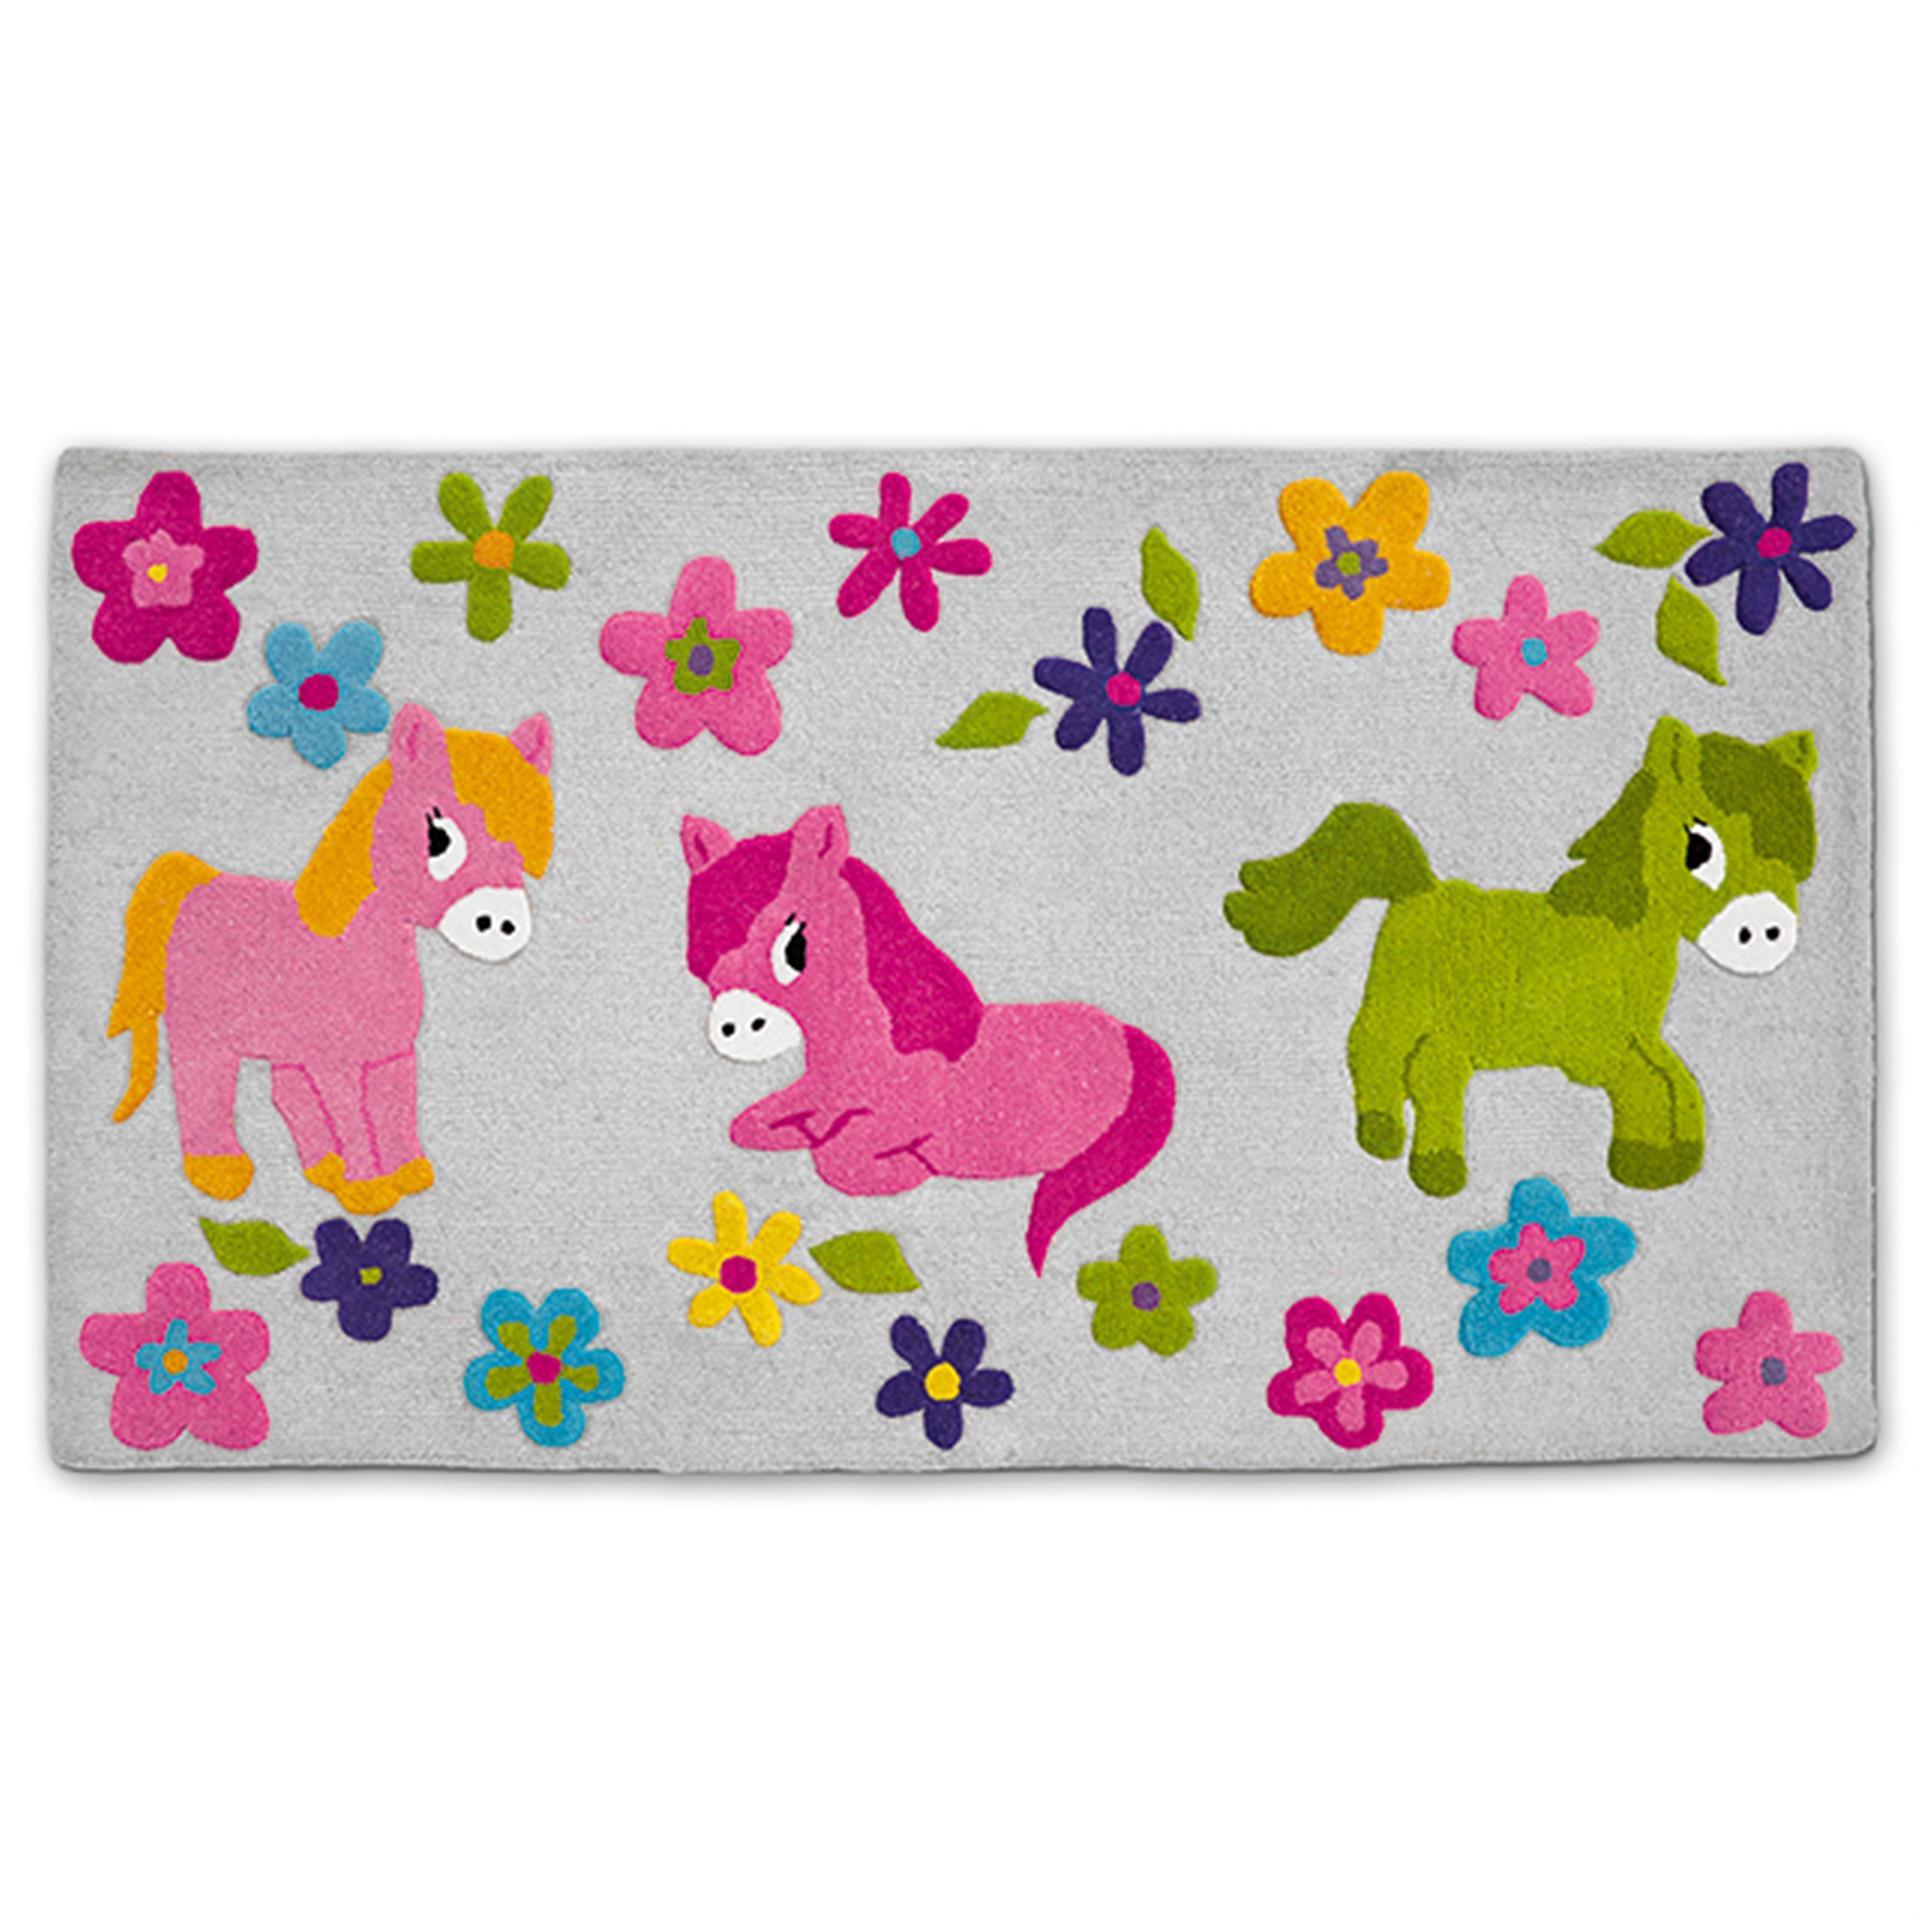 Kinderteppich Pony Lolly und Polly 90 x 160 cm